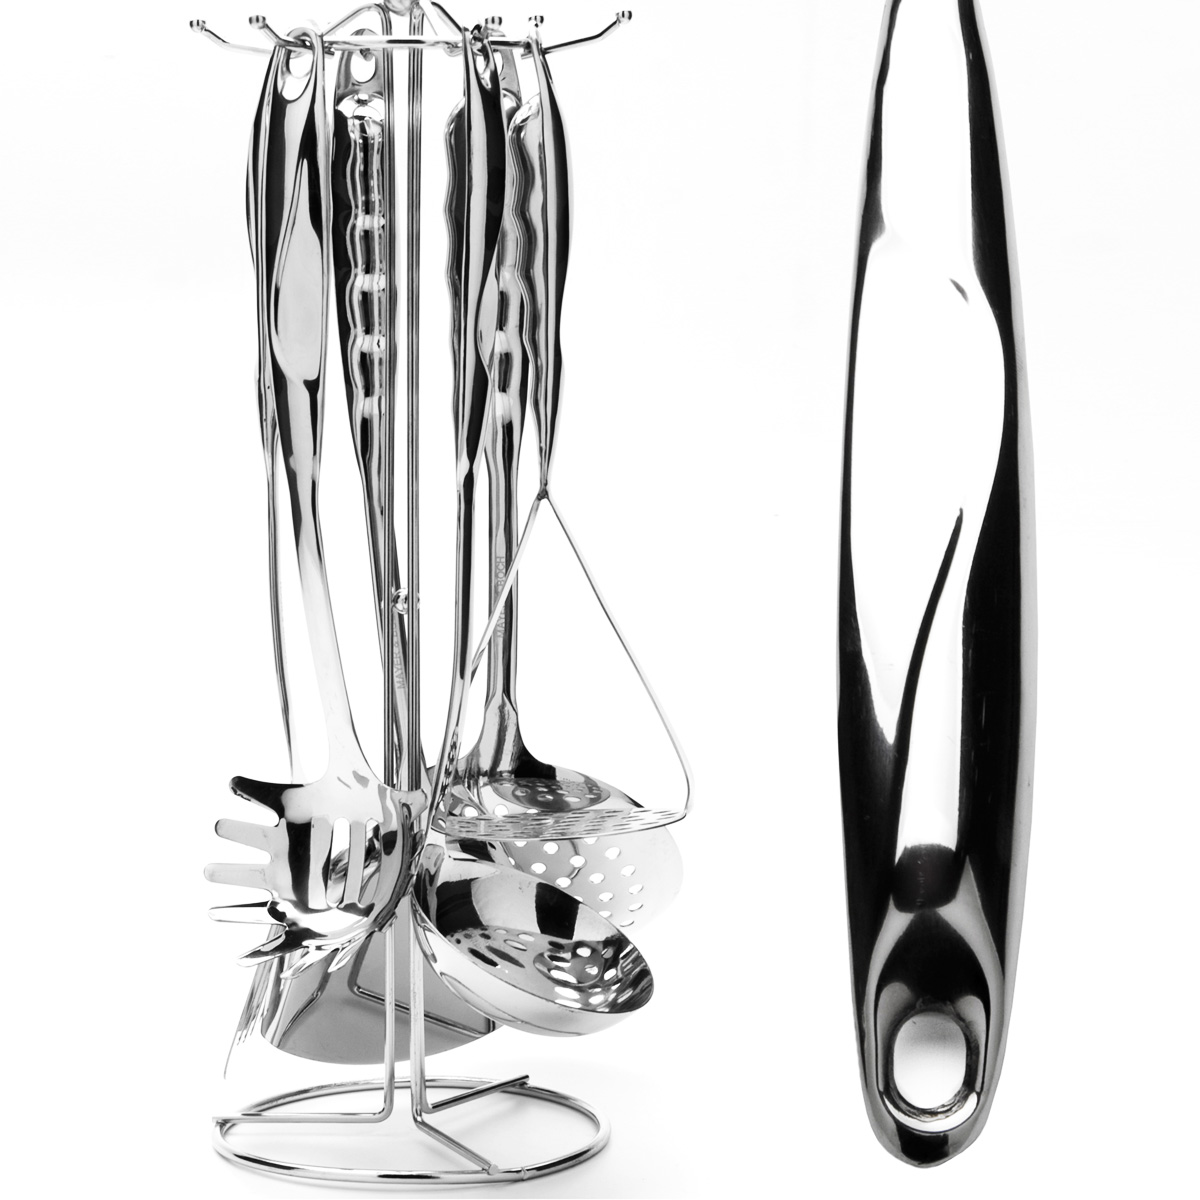 Набор кухонных принадлежностей Mayer & Boch, 7 предметов. 237923305Набор кухонных принадлежностей Mayer & Boch выполнен из высококачественной нержавеющей стали c зеркальной поверхностью. Набор состоит из ложки для спагетти, половника, шумовки, двух лопаток (одна с прорезями, другая - без), картофелемялки и подставки. Все кухонные принадлежности имеют петельку, с помощью которой их можно подвесить на подставку с крючками.Эксклюзивный дизайн, эстетичность и функциональность набора позволят ему занять достойное место среди кухонного инвентаря. Набор пригоден для мытья в посудомоечной машине. Длина ложки для спагетти: 32 см. Размер рабочей поверхности ложки для спагетти: 8,5 см х 8 см. Длина половника: 34 см. Диаметр рабочей поверхности половника: 9 см. Длина шумовки: 35 см. Диаметр рабочей поверхности шумовки: 12 см. Длина лопатки: 37 см. Размер рабочей поверхности лопатки: 9 см х 10 см. Длина лопатки с прорезями: 36 см. Размер рабочей поверхности лопатки с прорезями: 8 см х 8 см. Длина картофелемялки: 27 см. Размер рабочей поверхности картофелемялки: 9 см х 9 см. Размер подставки: 14 см х 14 см х 41 см.